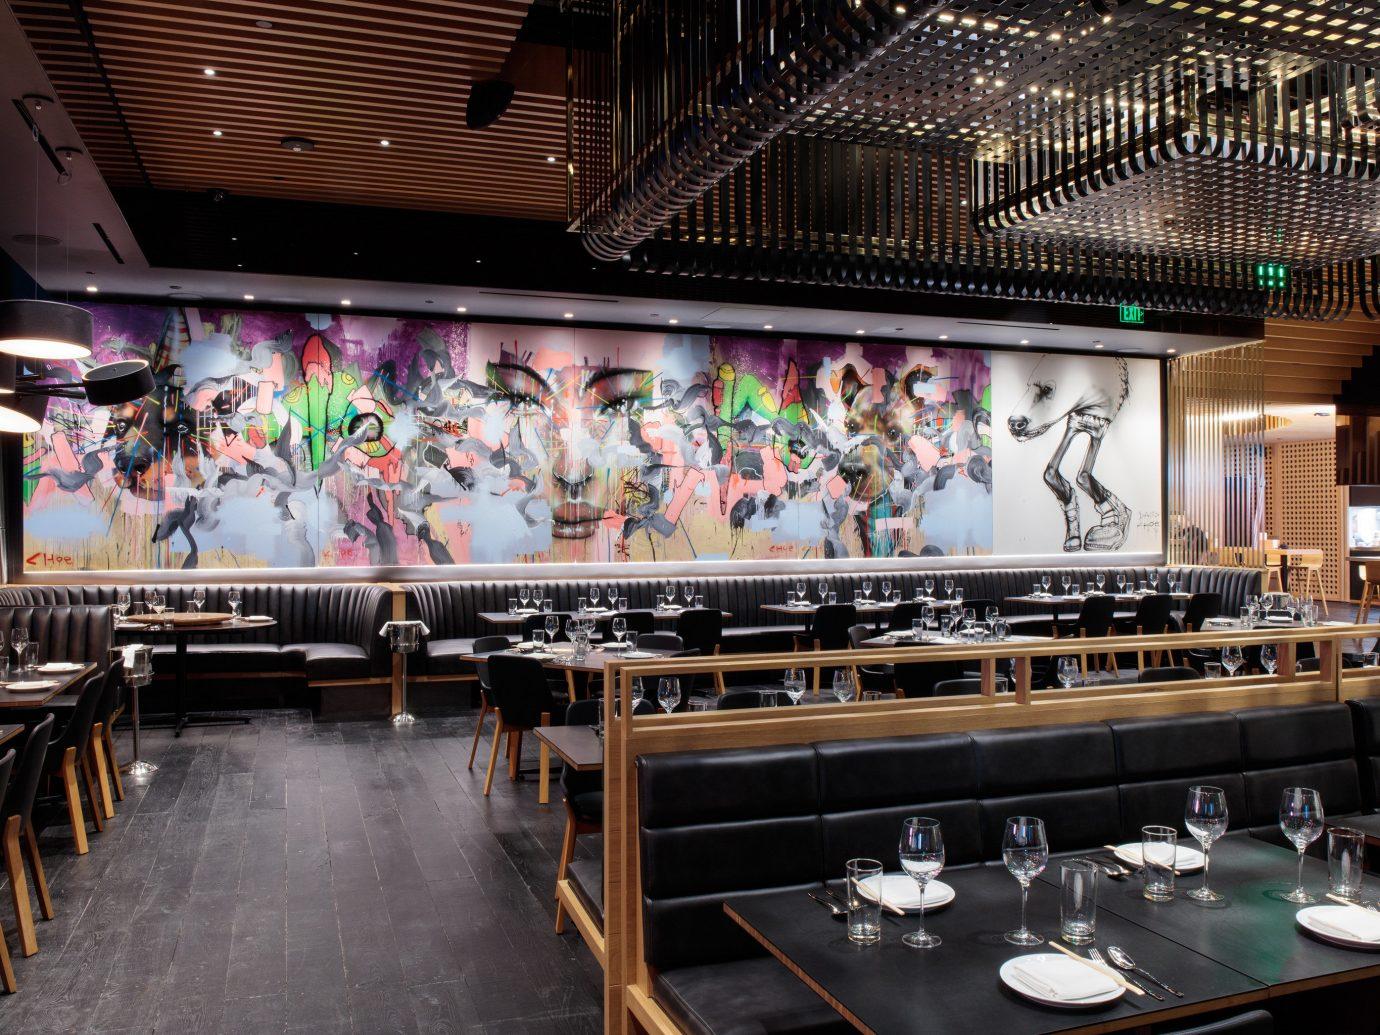 Food + Drink indoor meal restaurant Bar stage several